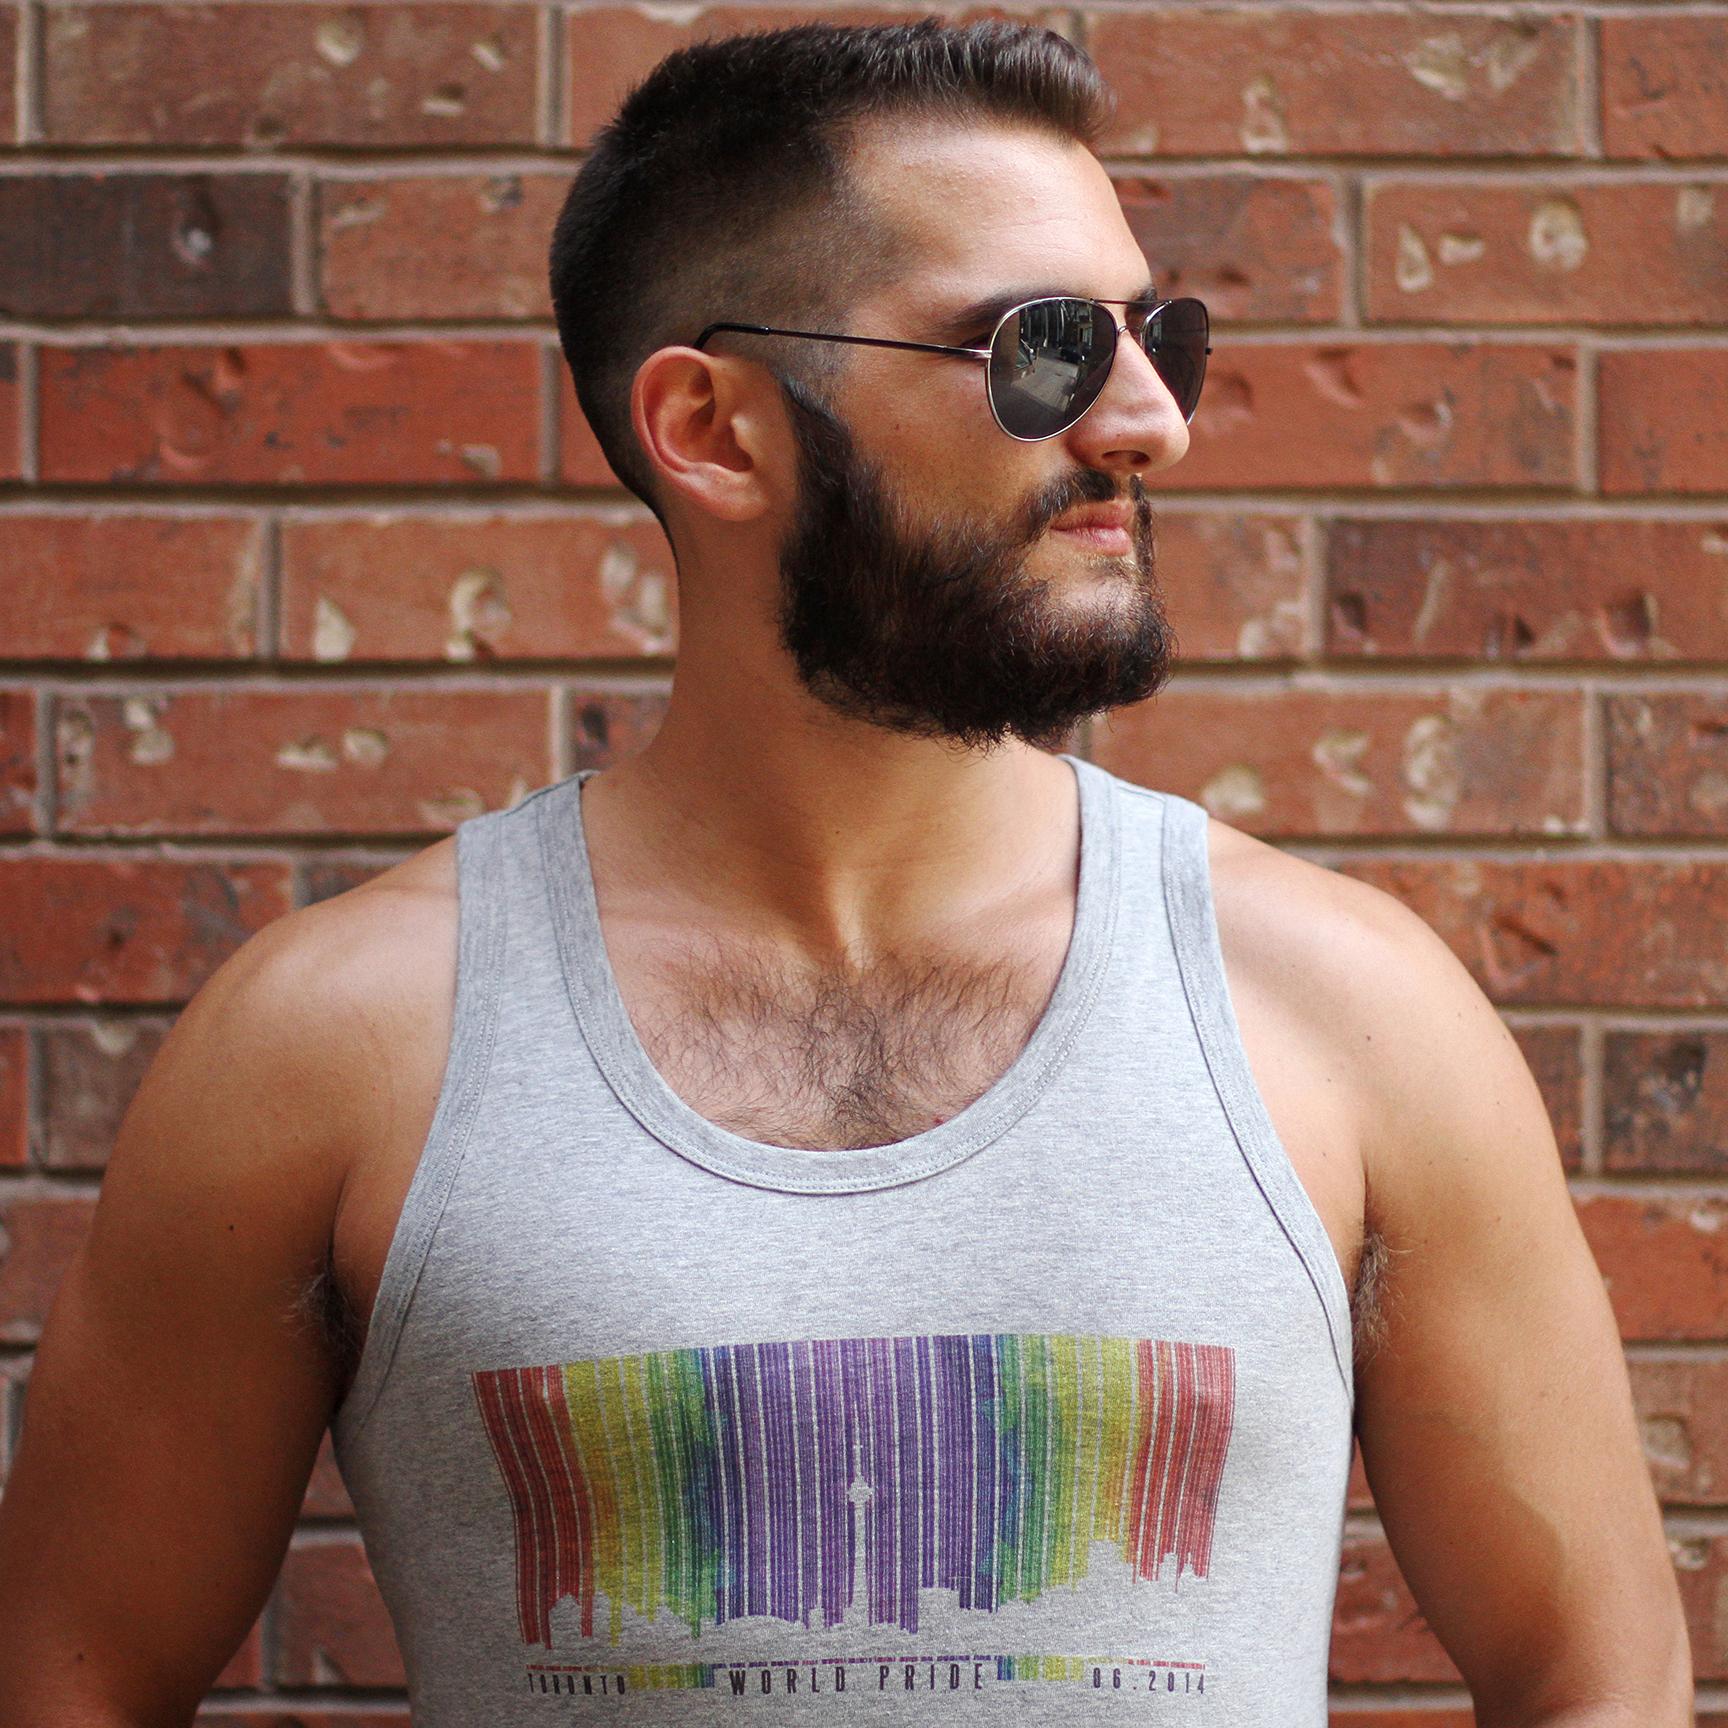 Gio_PrideCode_Reduced.jpg